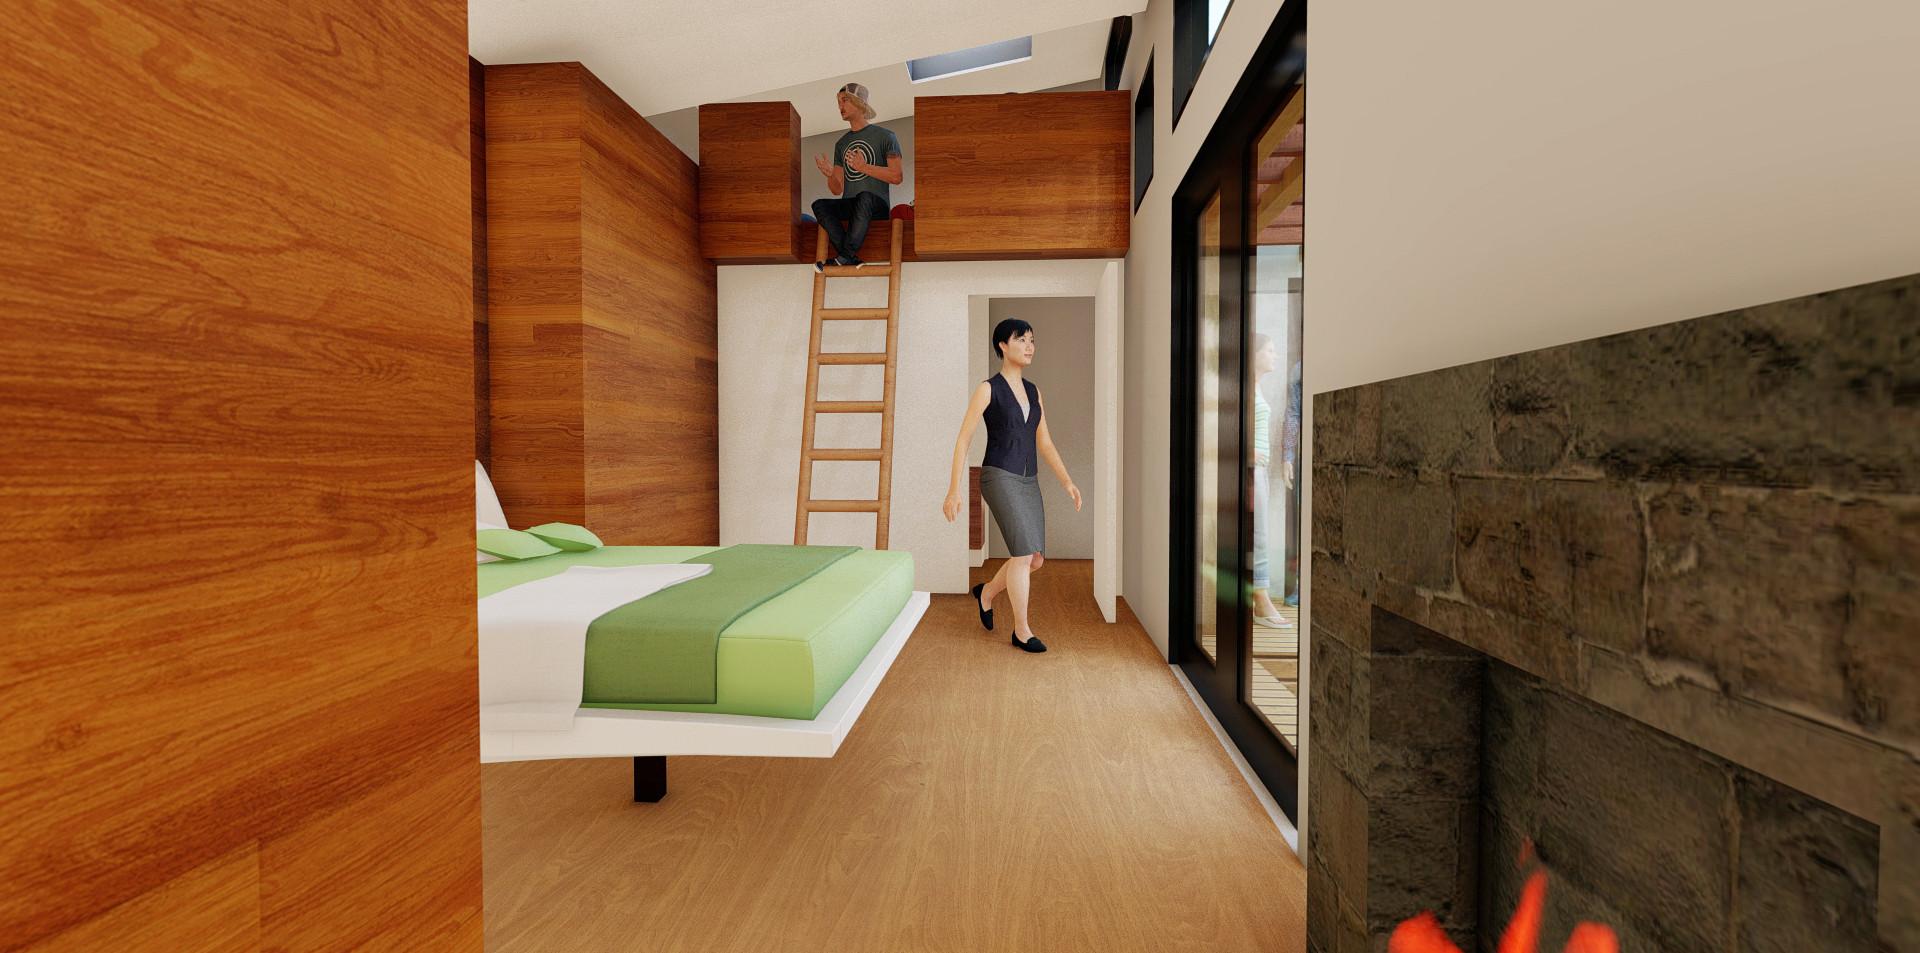 LA Home Addition Design